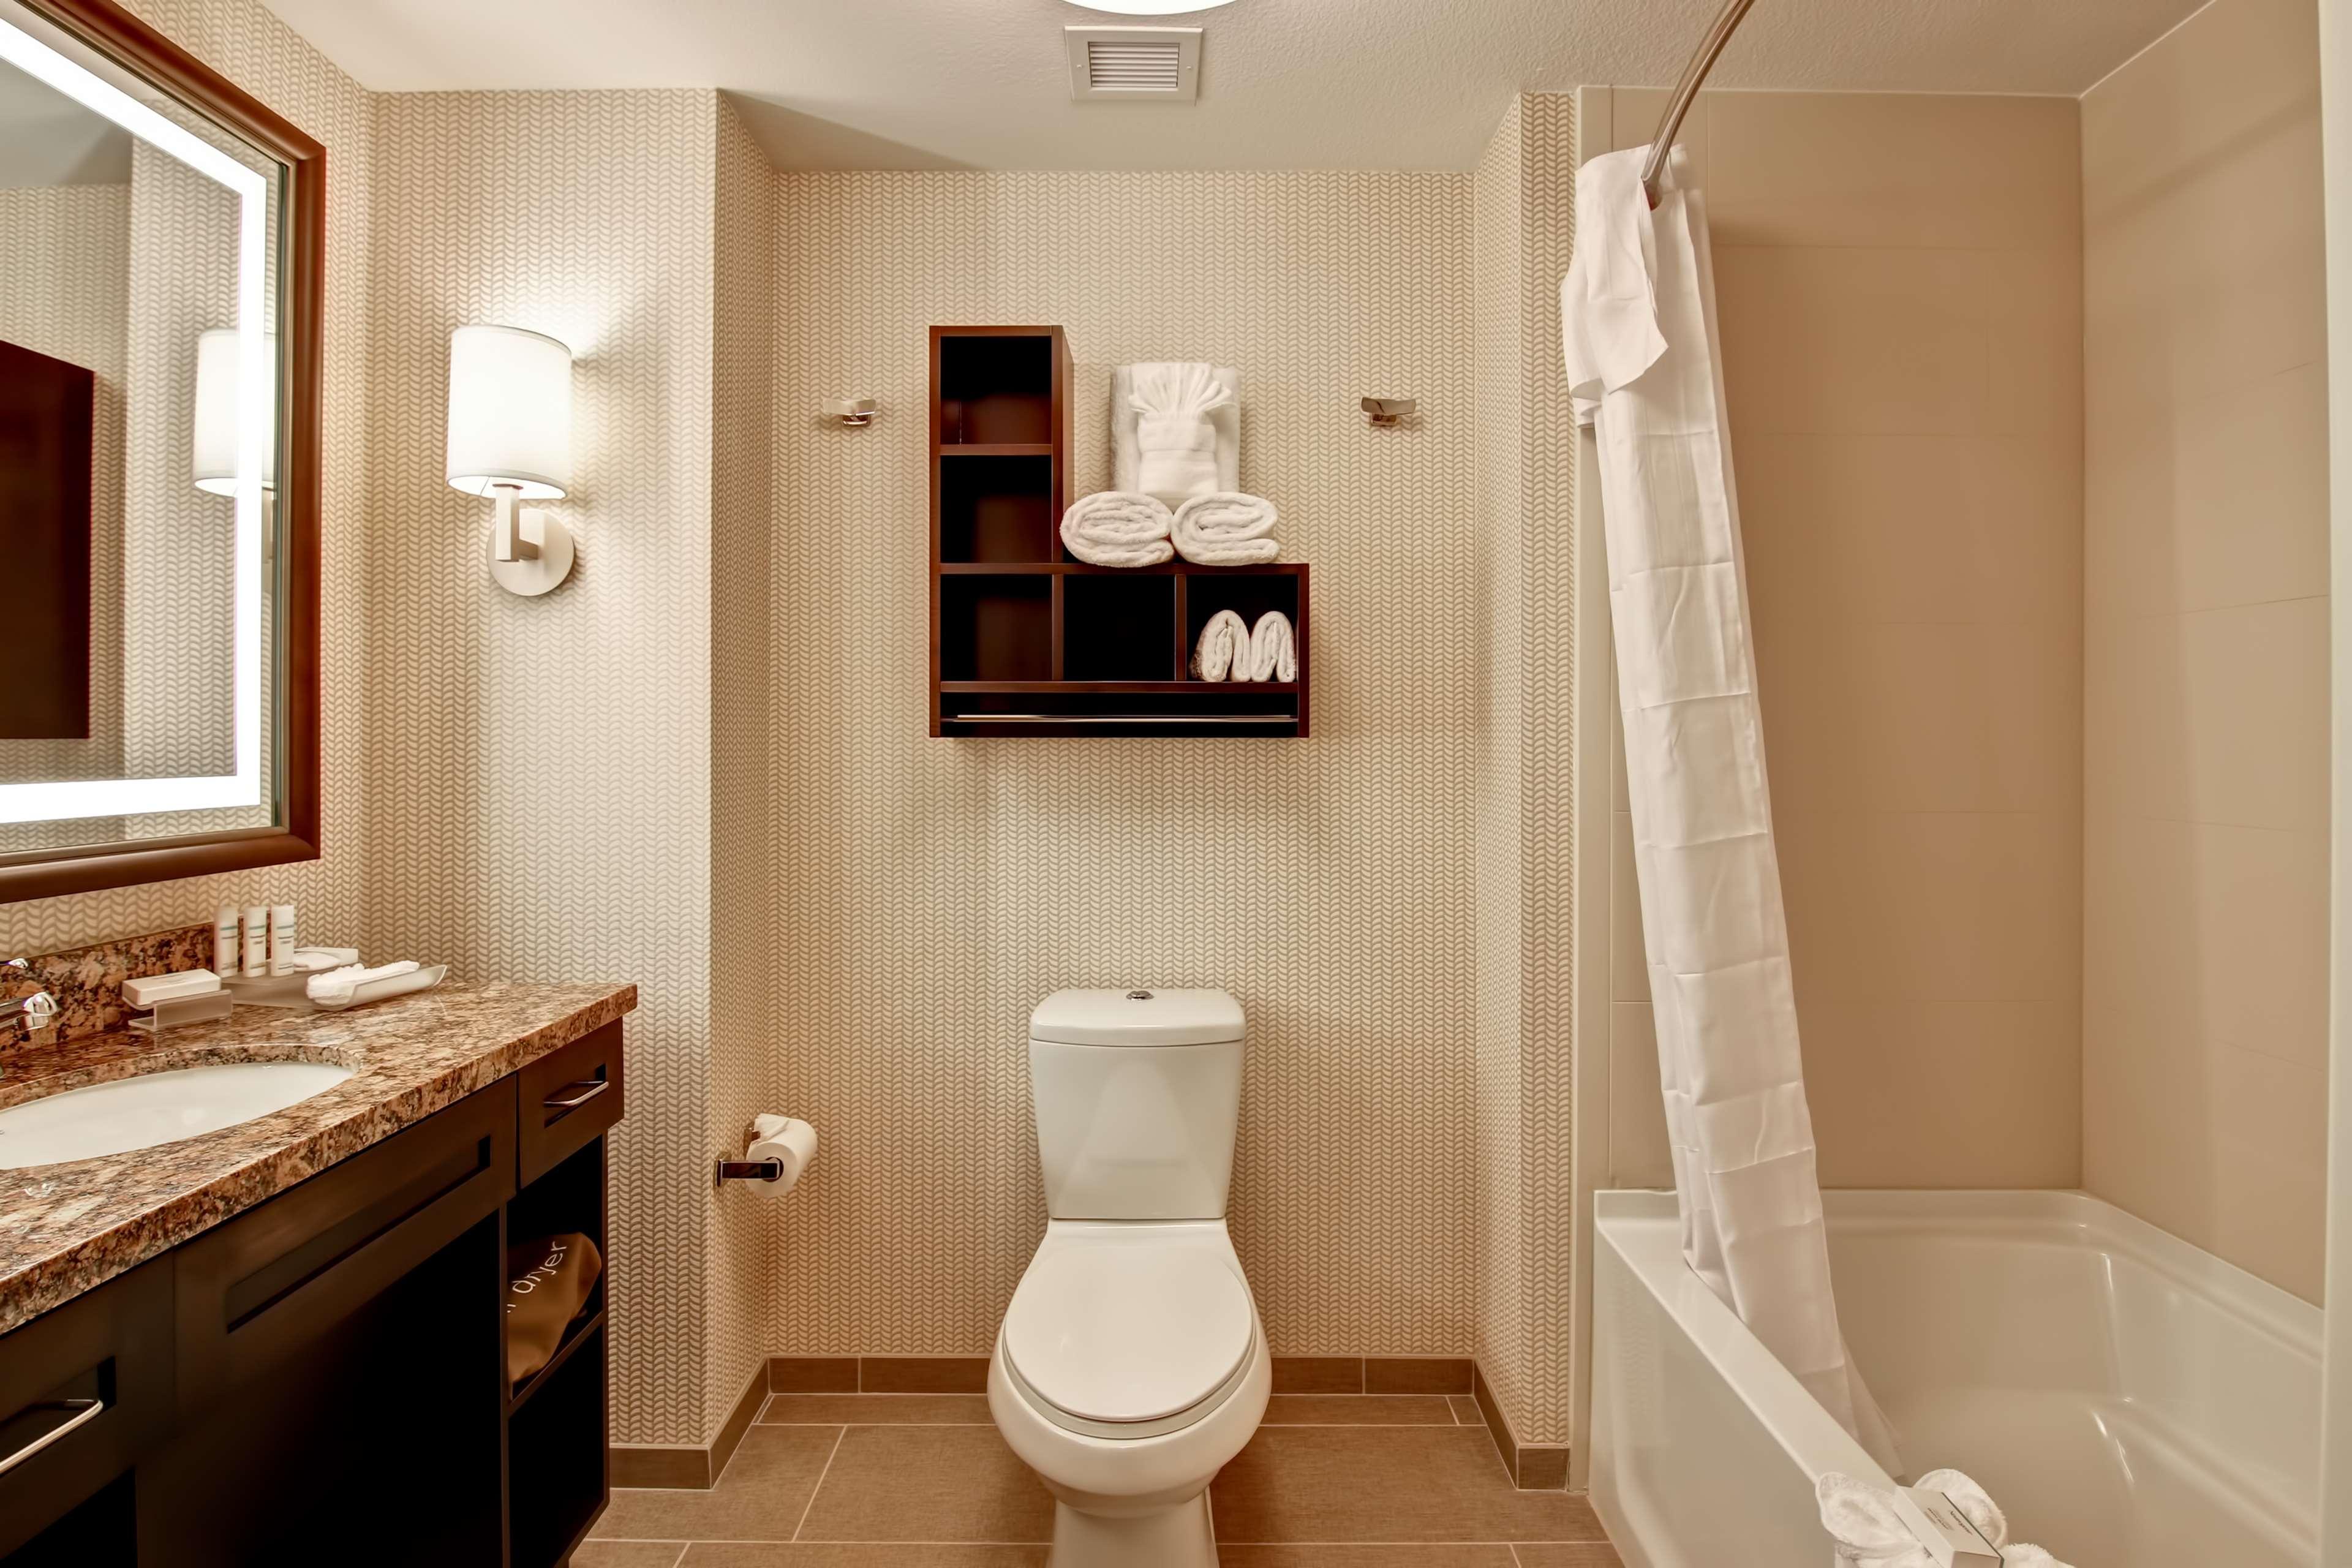 Homewood Suites by Hilton Palo Alto image 30